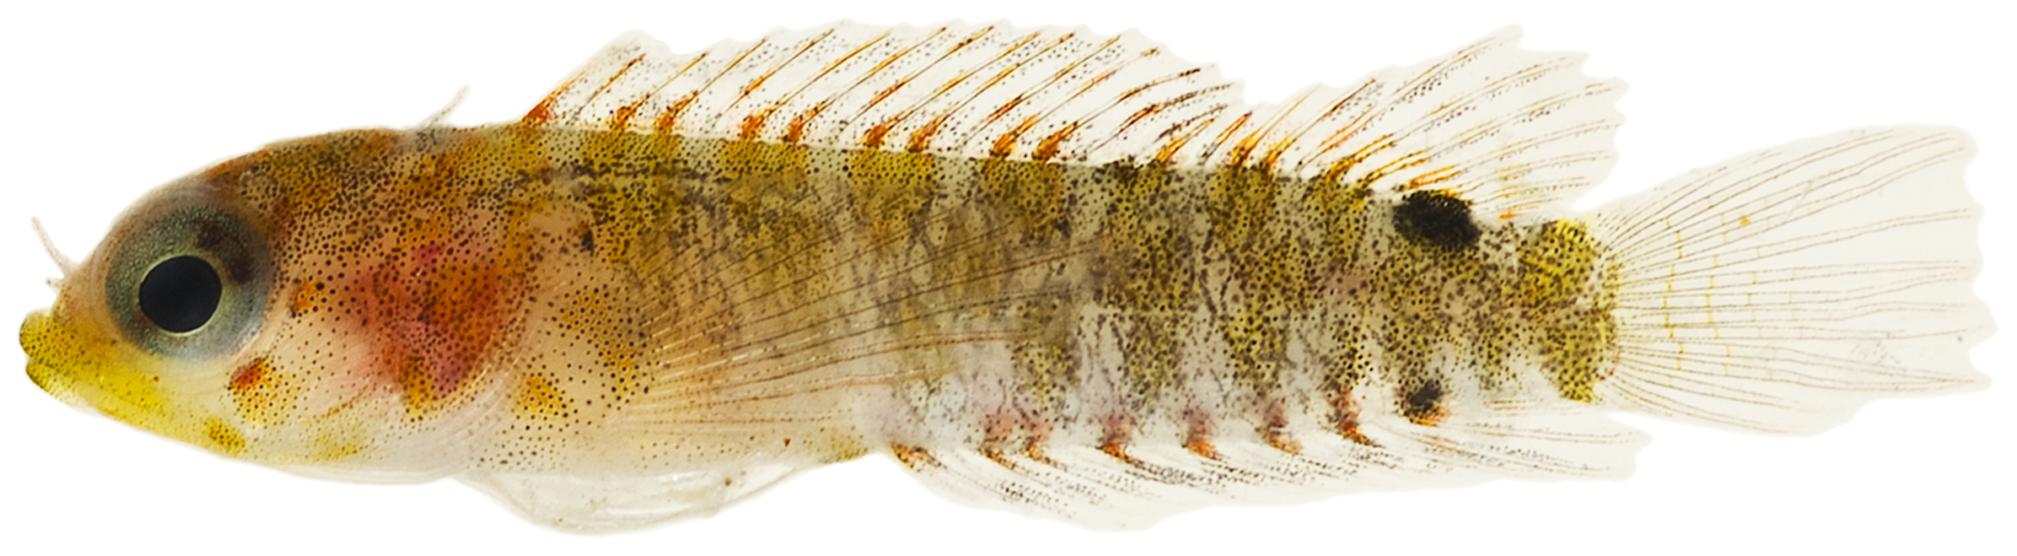 Starksia atlantica - pone.0010676.g149.png © Williams, J. T.; Carpenter, K. E.; Van Tassell, J. L.; Hoetjes, P.; Toller, W.; Etnoyer, P.; Smith, M.